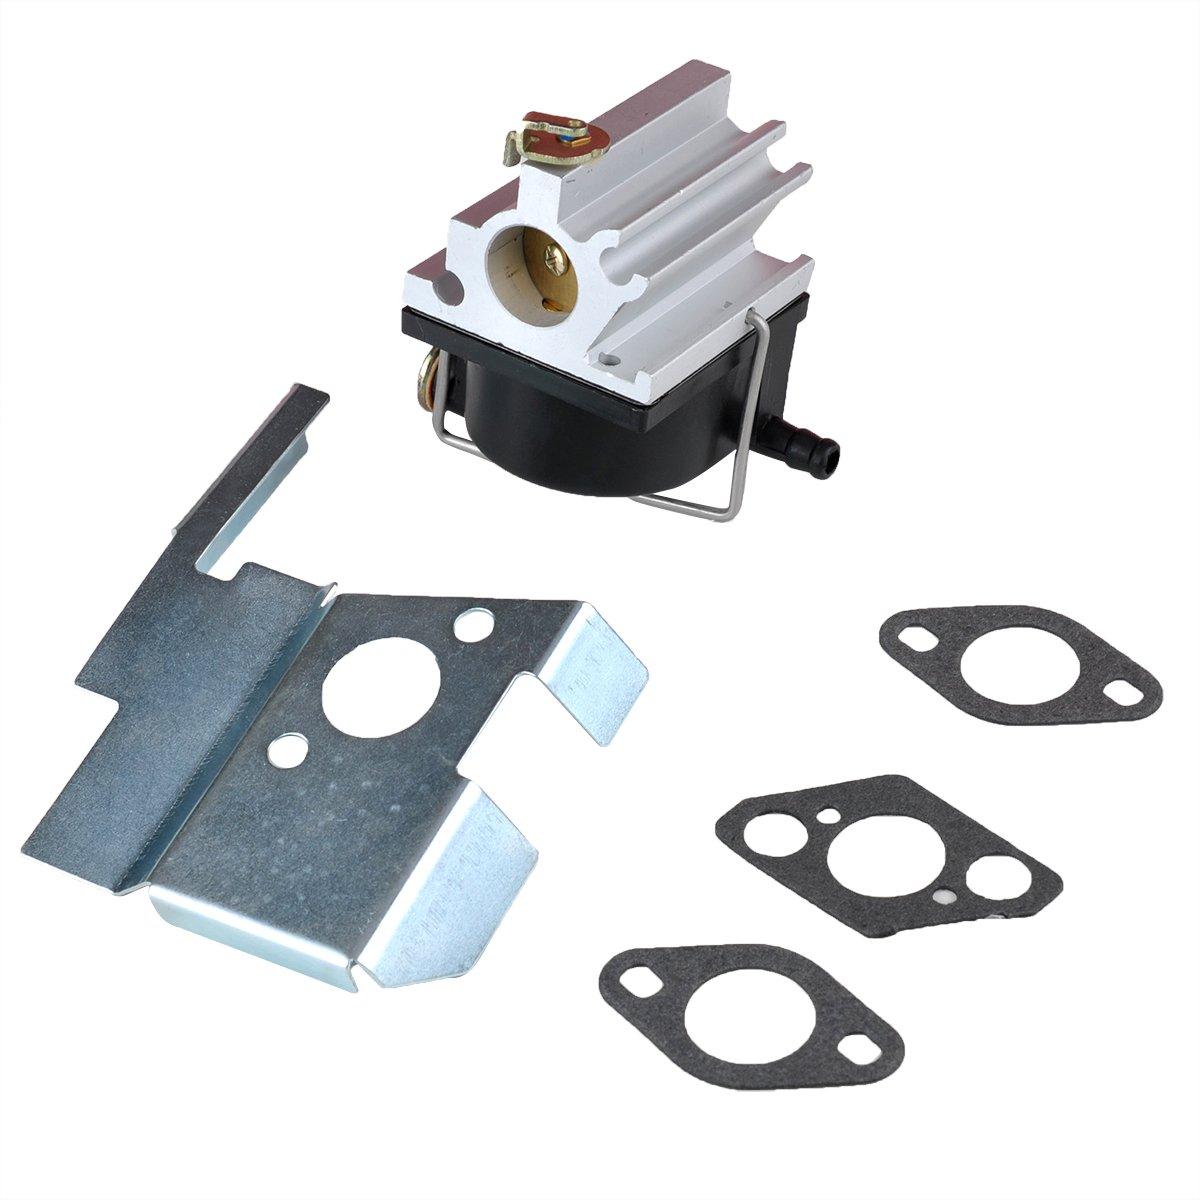 Tune-Up Kits Panari 632671 Carburetor Lawn Mower Parts